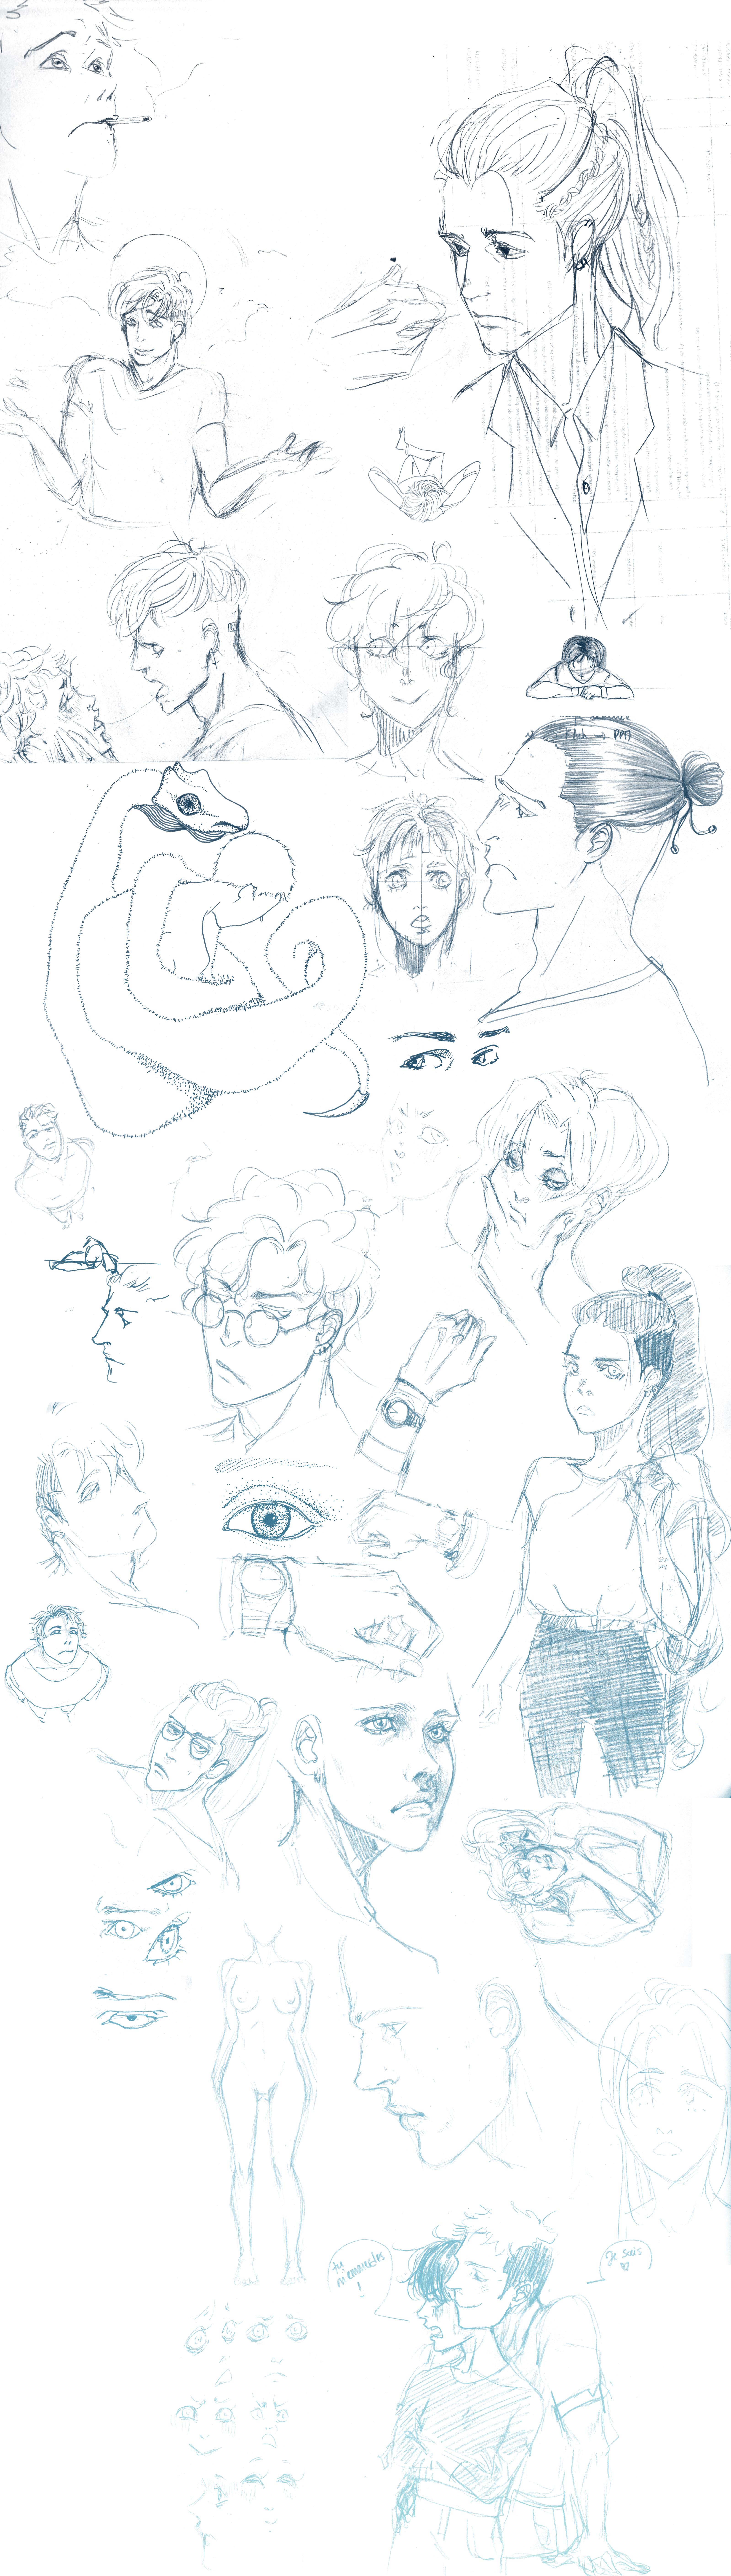 sketch_5__by_mushroomattic-dcii1kq.jpg